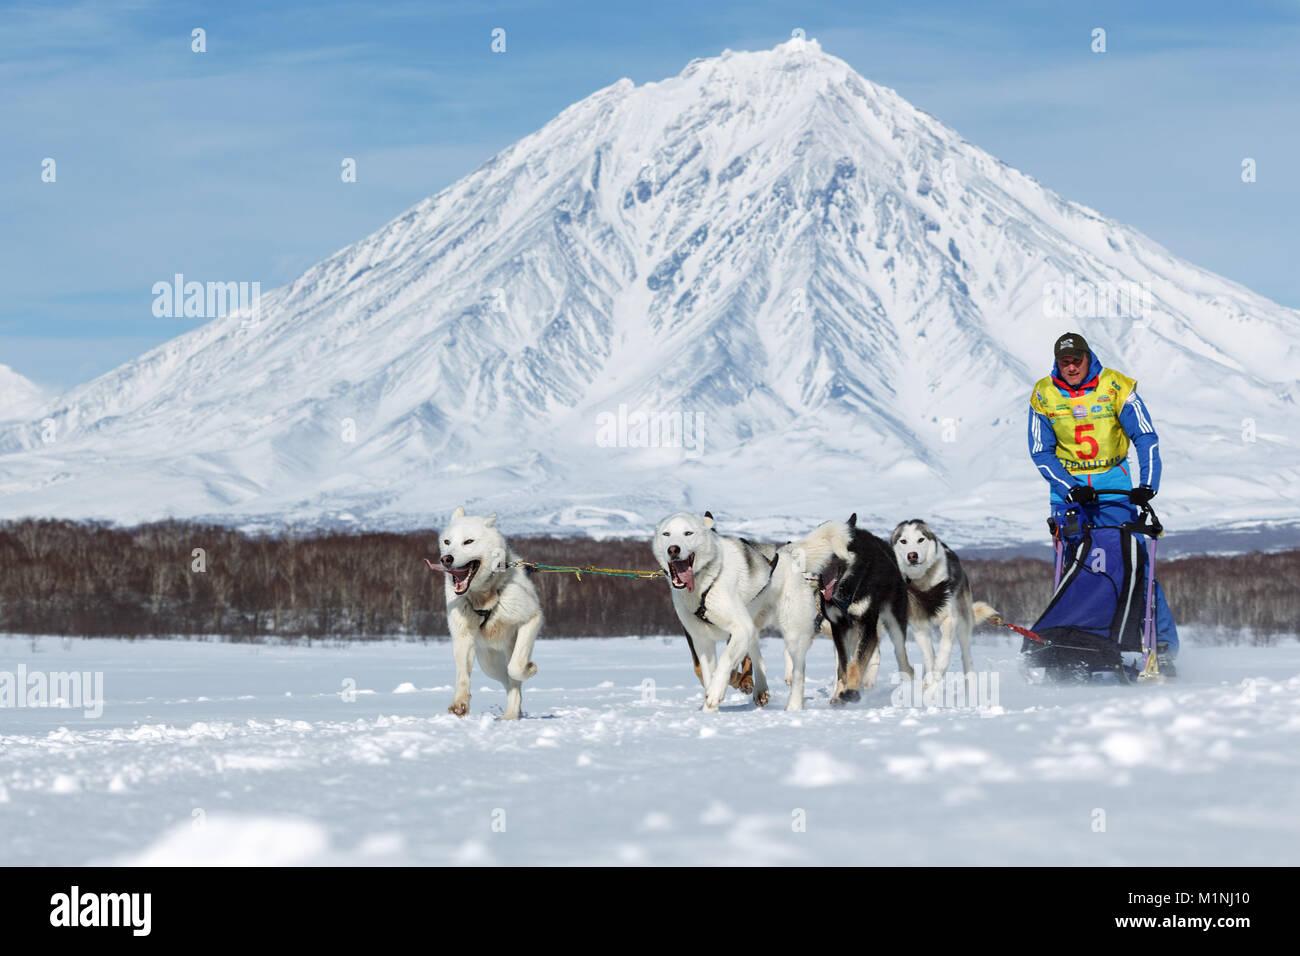 L'exécution de l'équipe de chiens de traîneau musher Ryabuhin Denis sur fond de Volcan Koryak. La péninsule du Kamtchatka Banque D'Images